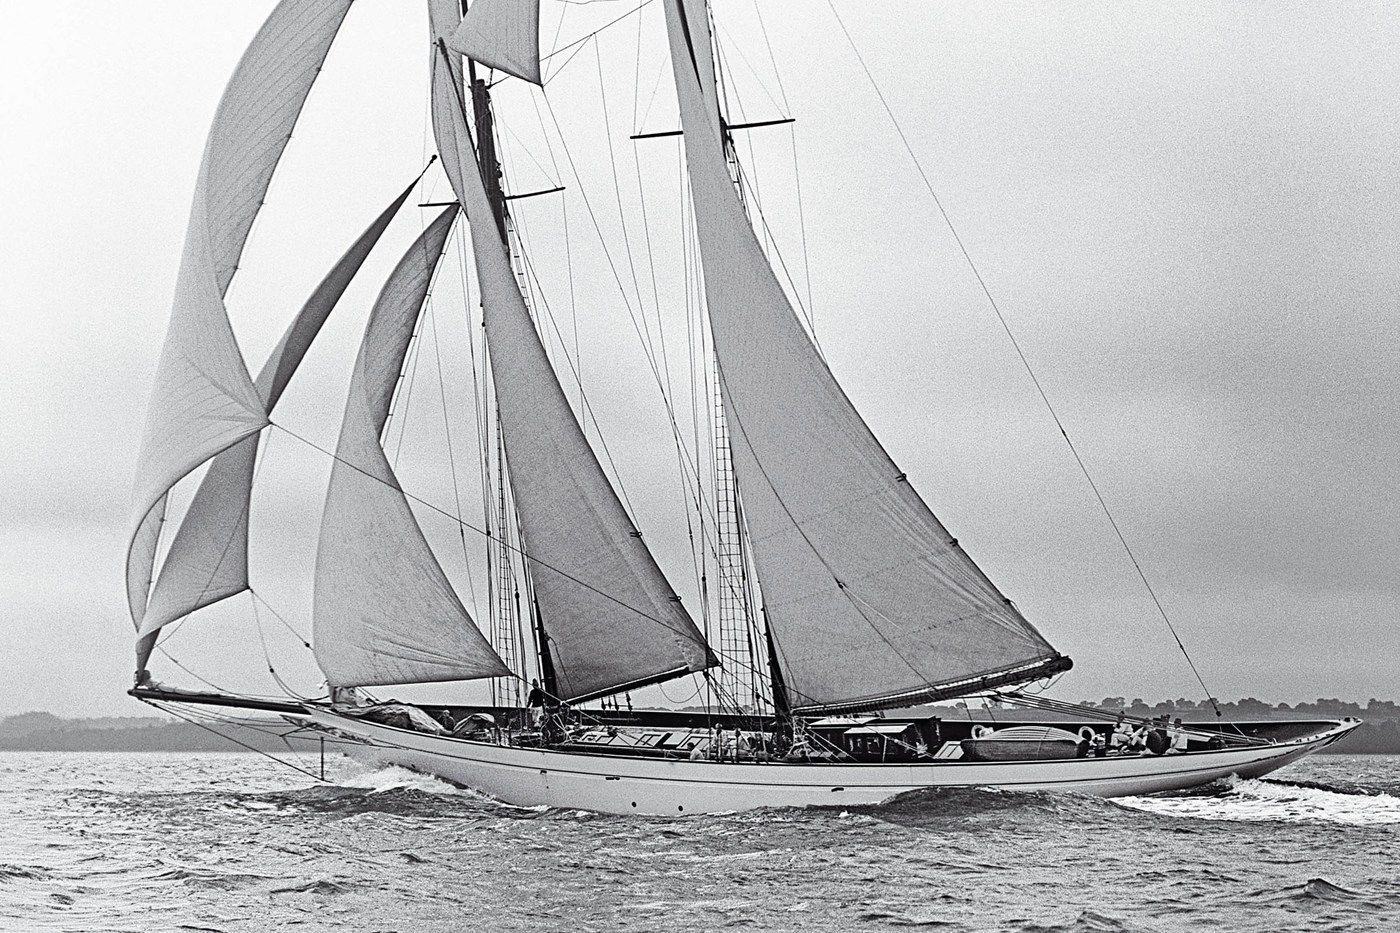 Barbary Corsairs Pirates Galley Ship Boat 7x5 Inch Print